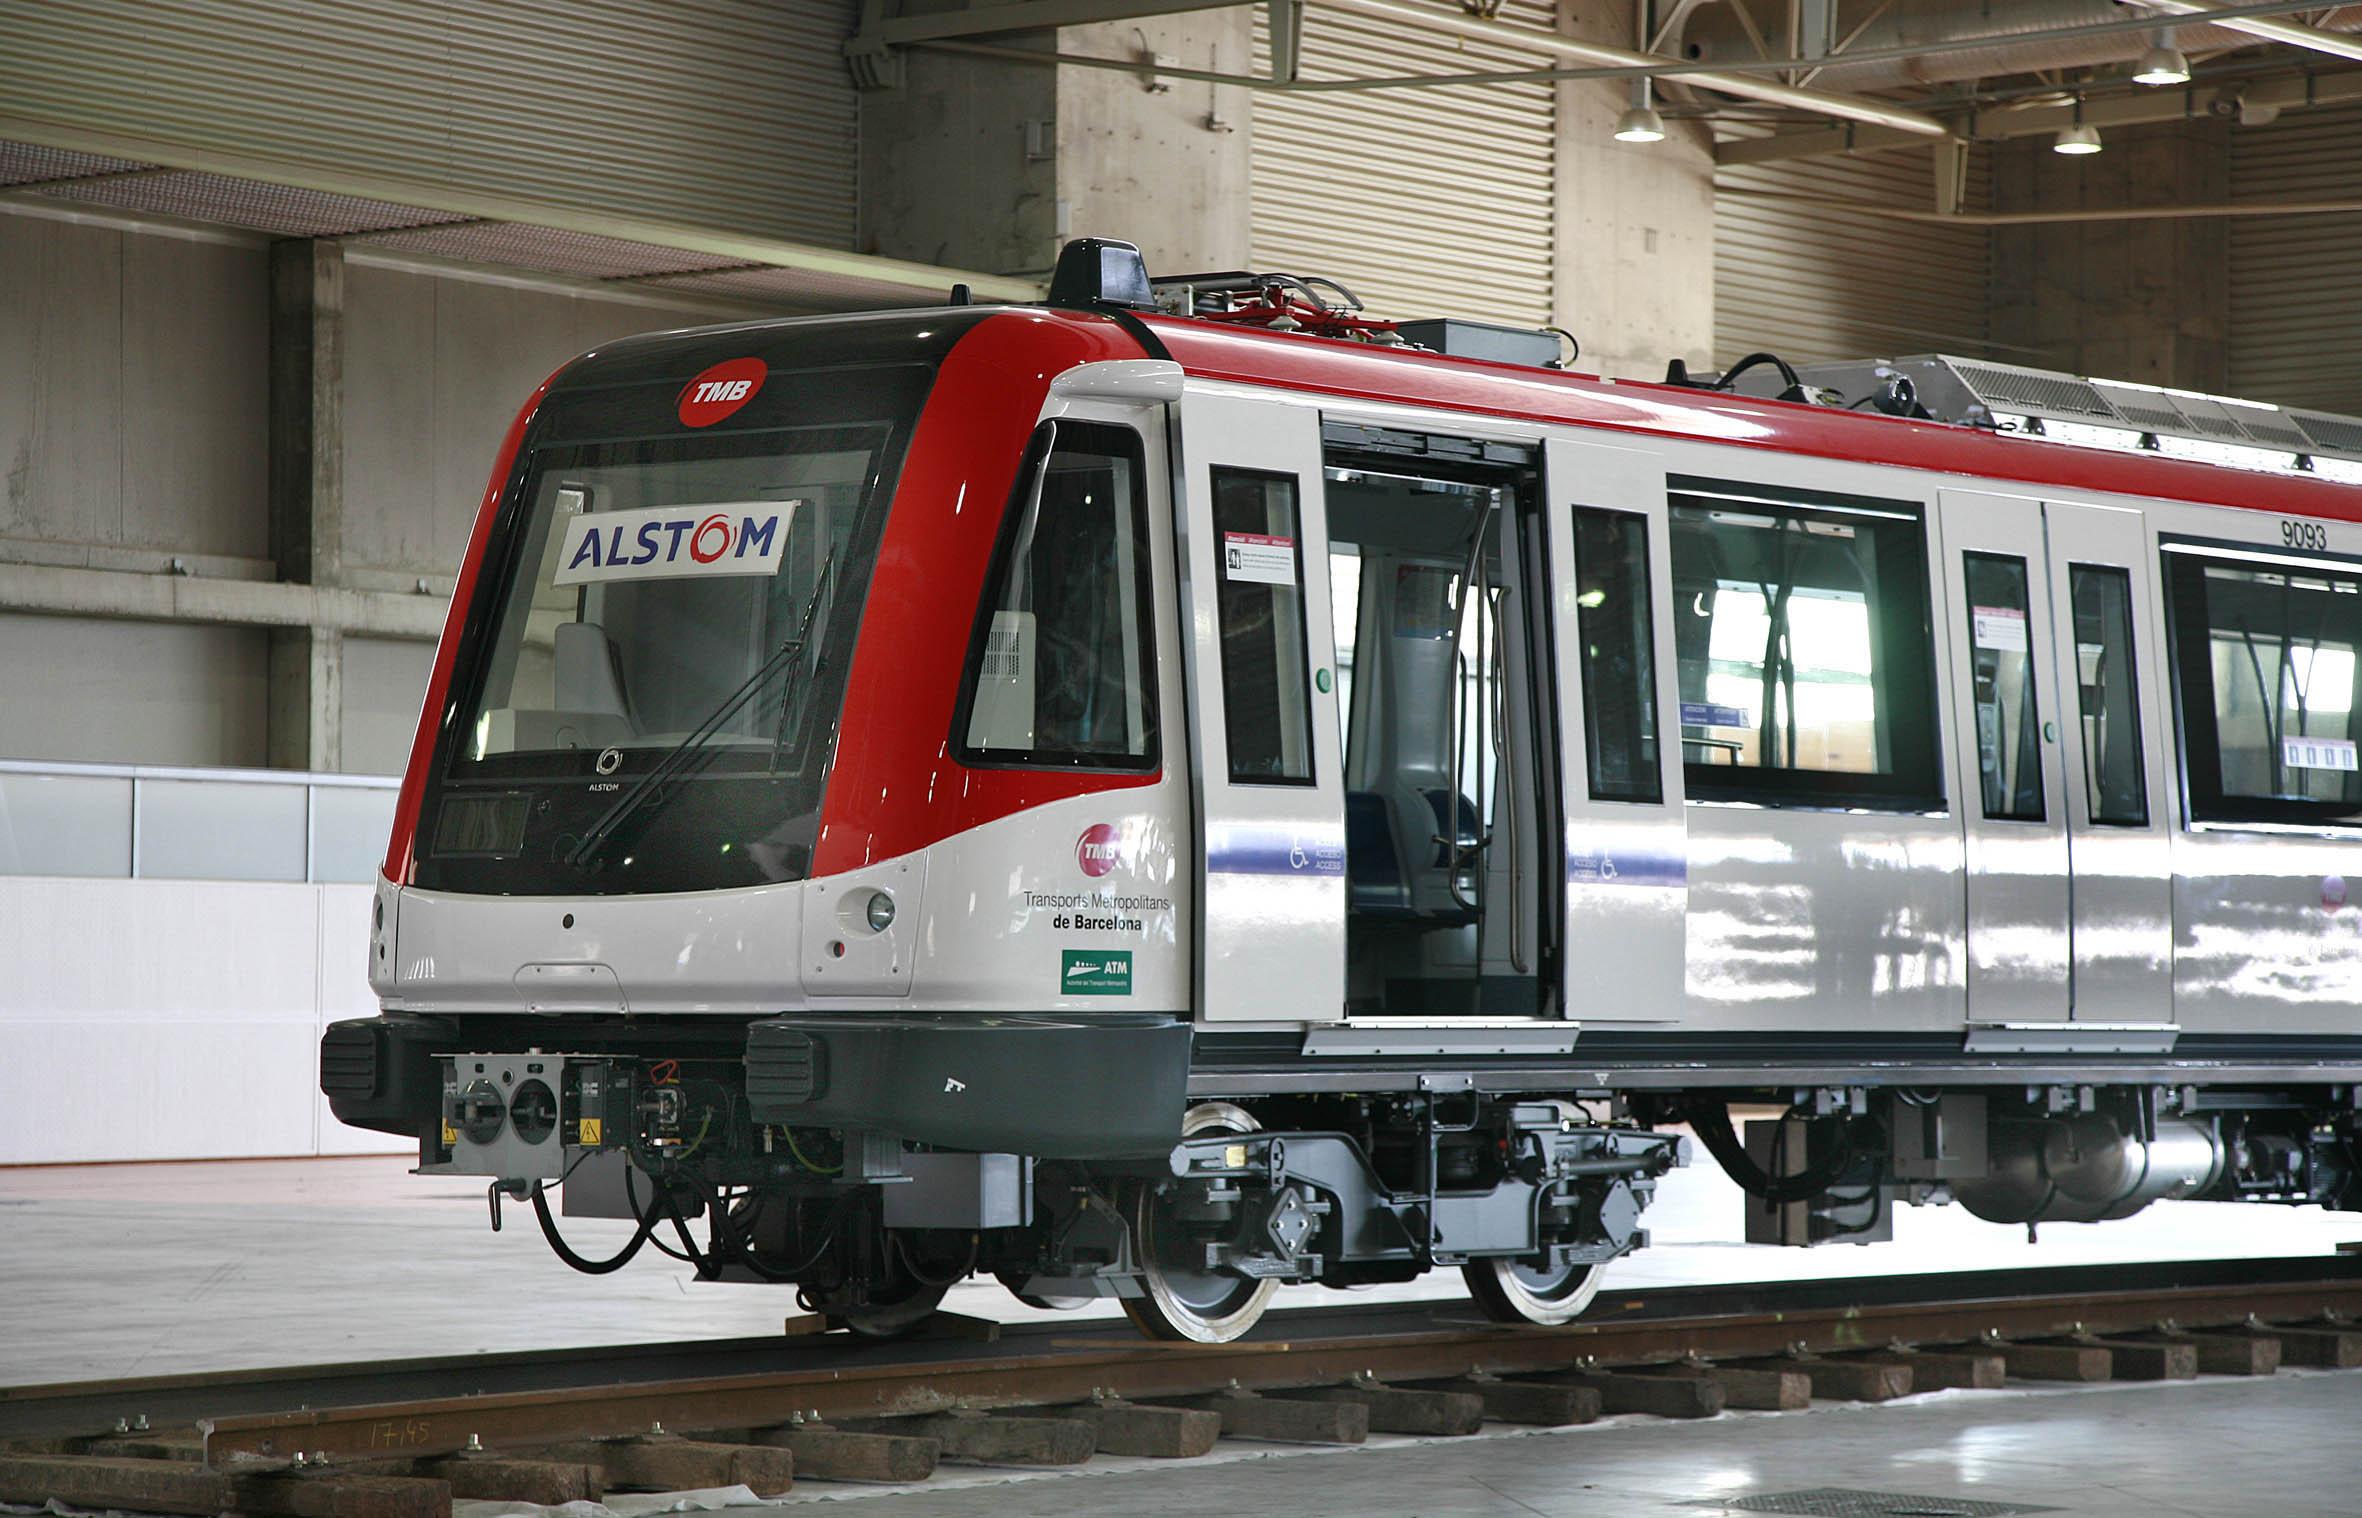 Nuevos vagones del metro de Barcelona